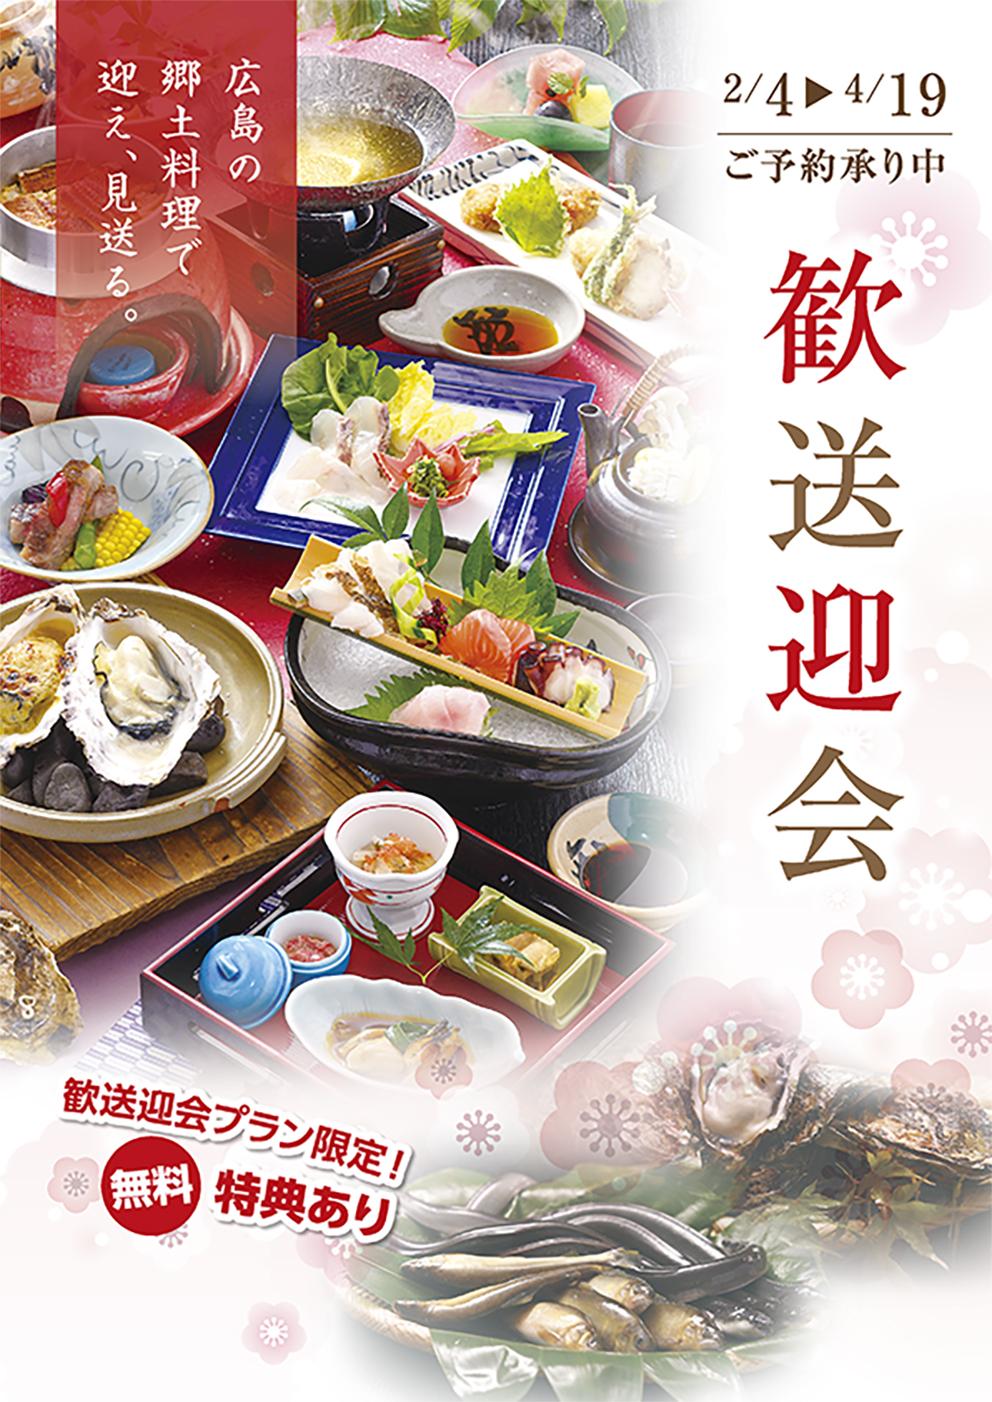 【本店】「広島の郷土料理で迎え、見送る」歓送迎会コース(2/4〜4/19)